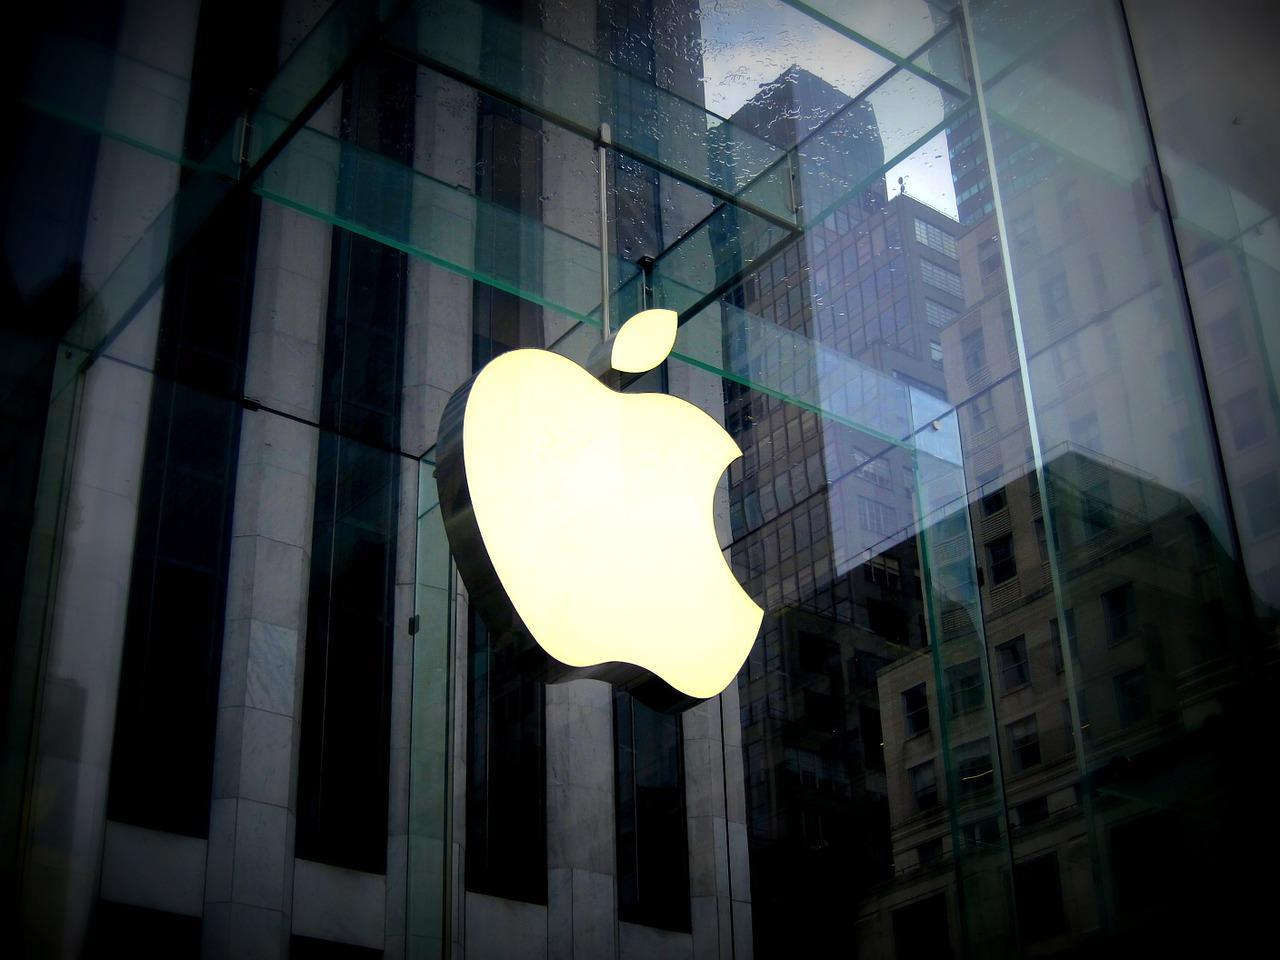 Apple будет увольнять сотрудников заутечку информации